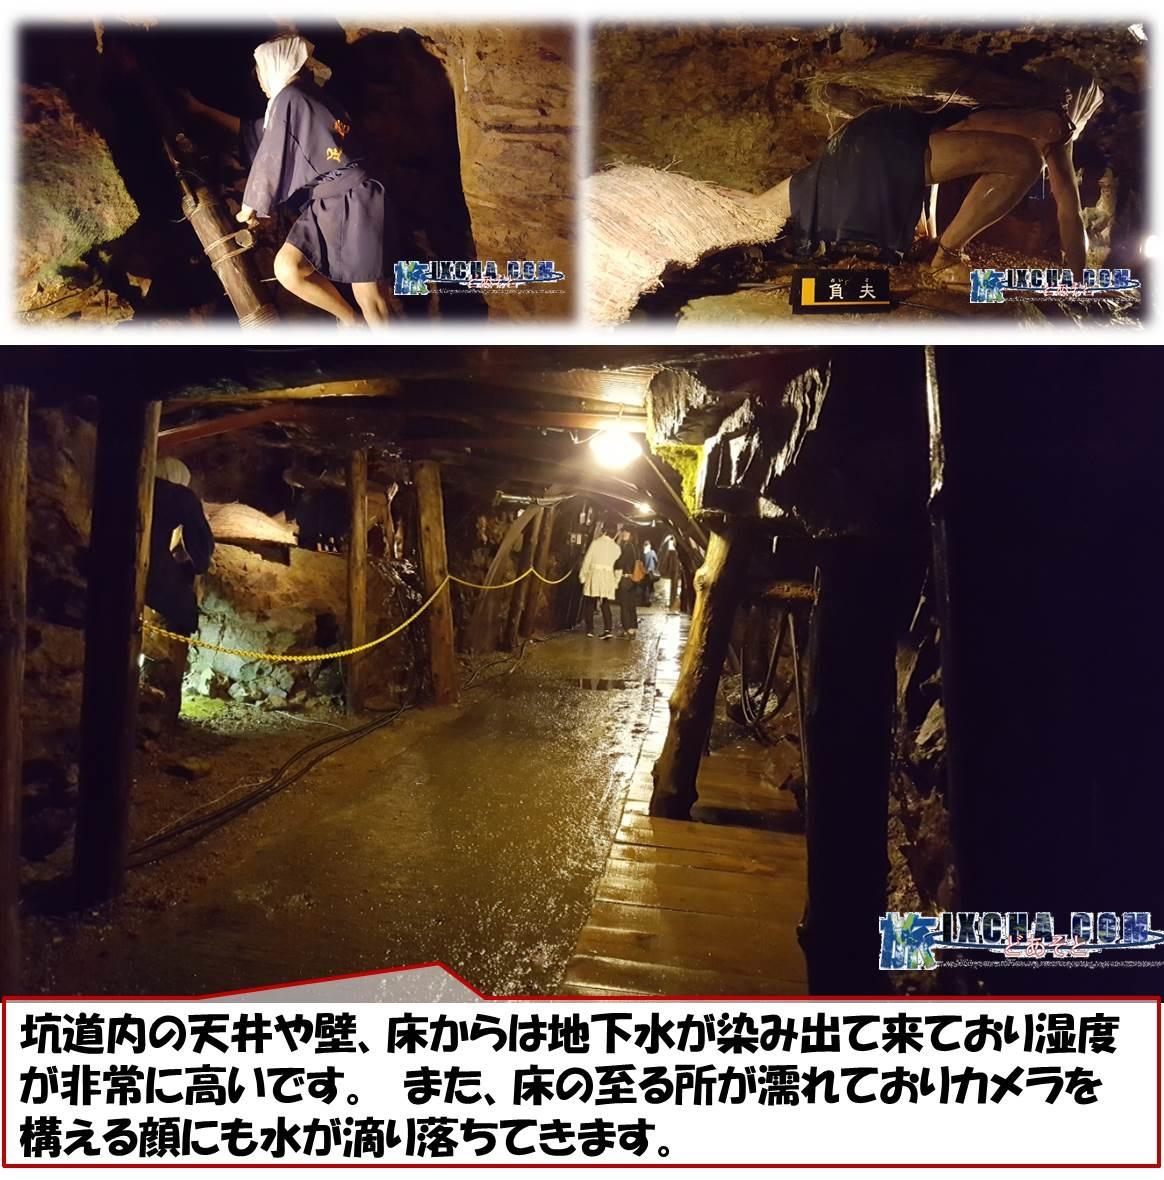 坑道内の天井や壁、床からは地下水が染み出て来ており湿度が非常に高いです。 また、床の至る所が濡れておりカメラを構える顔にも水が滴り落ちてきます。